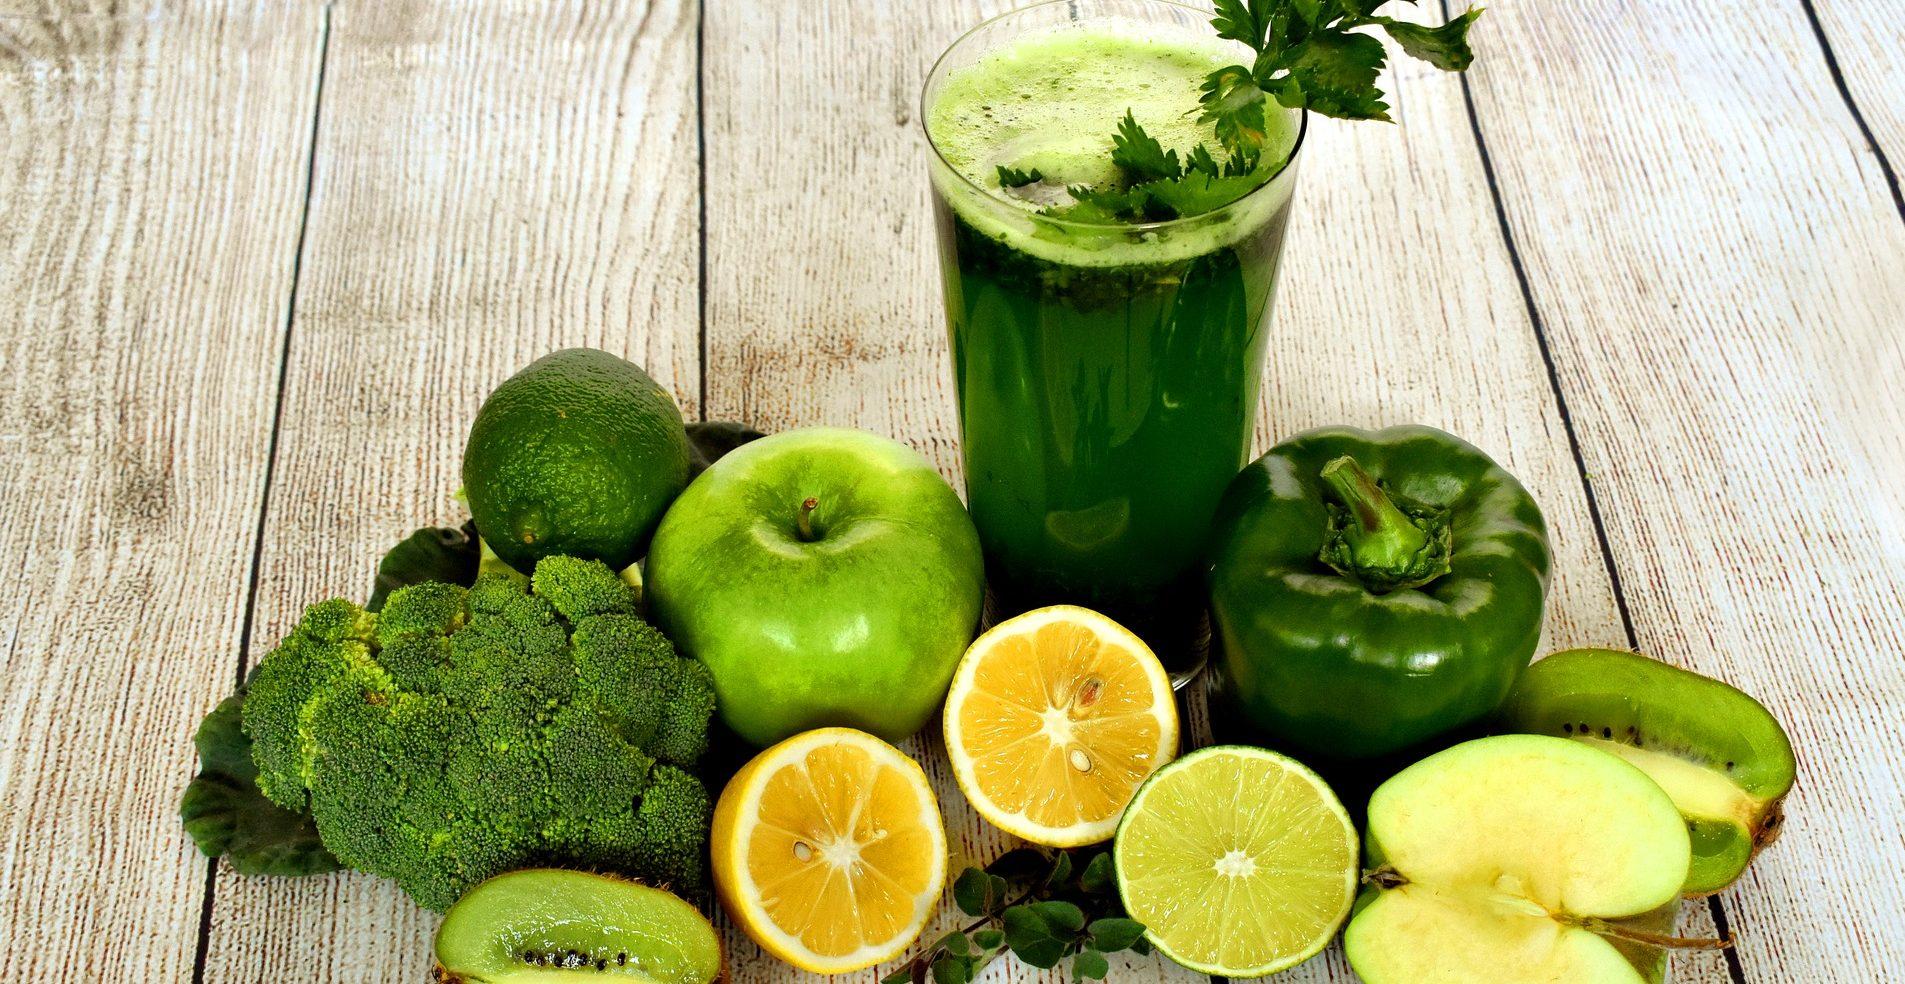 gyümölcs ízületi betegség esetén